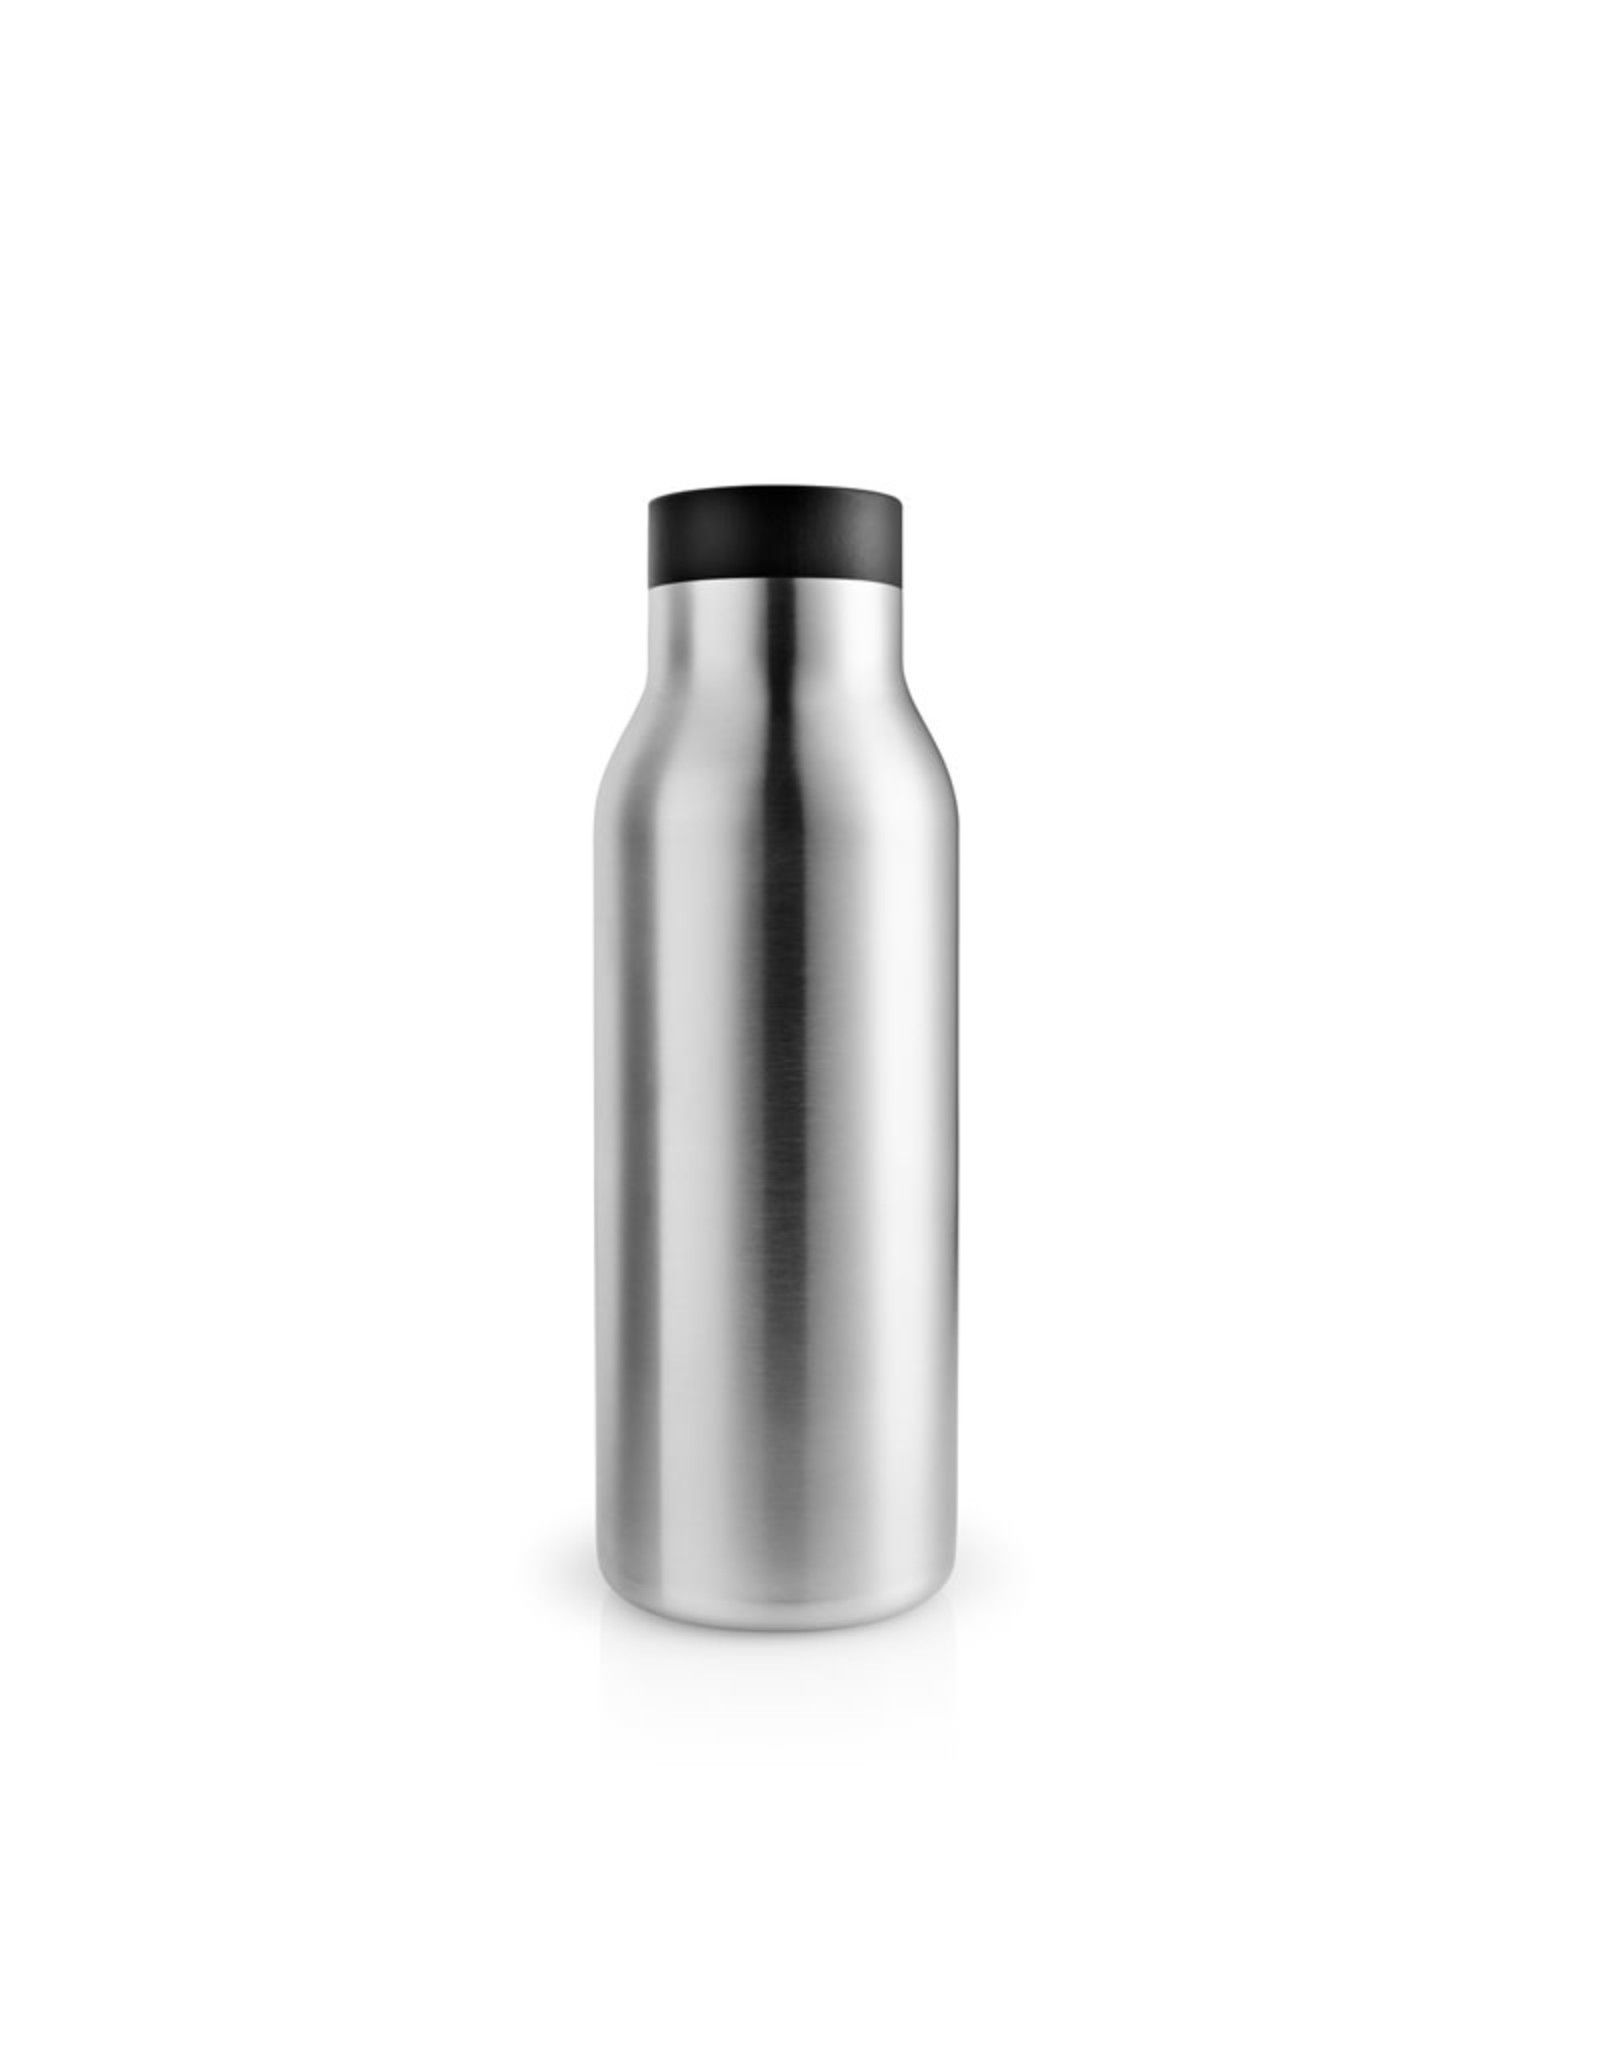 EVA SOLO EVA SOLO Urban Thermo Flask Black